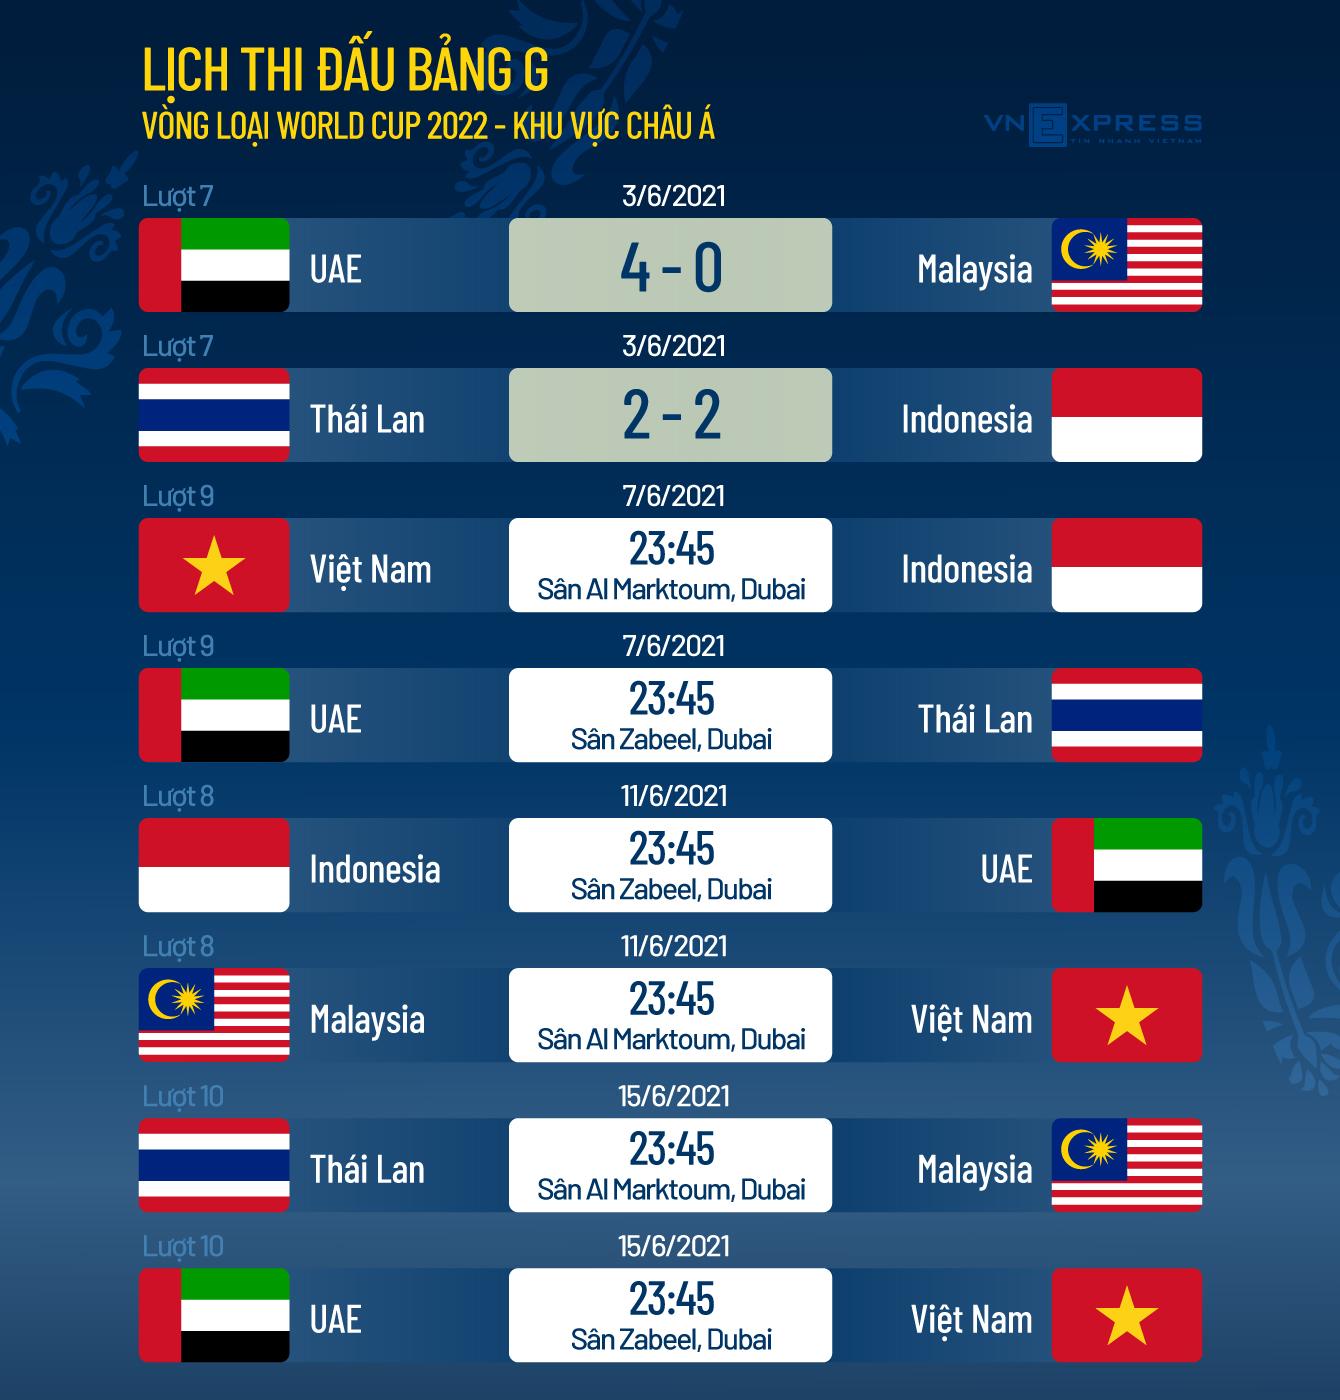 Tiền đạo UAE vượt qua Messi - 2